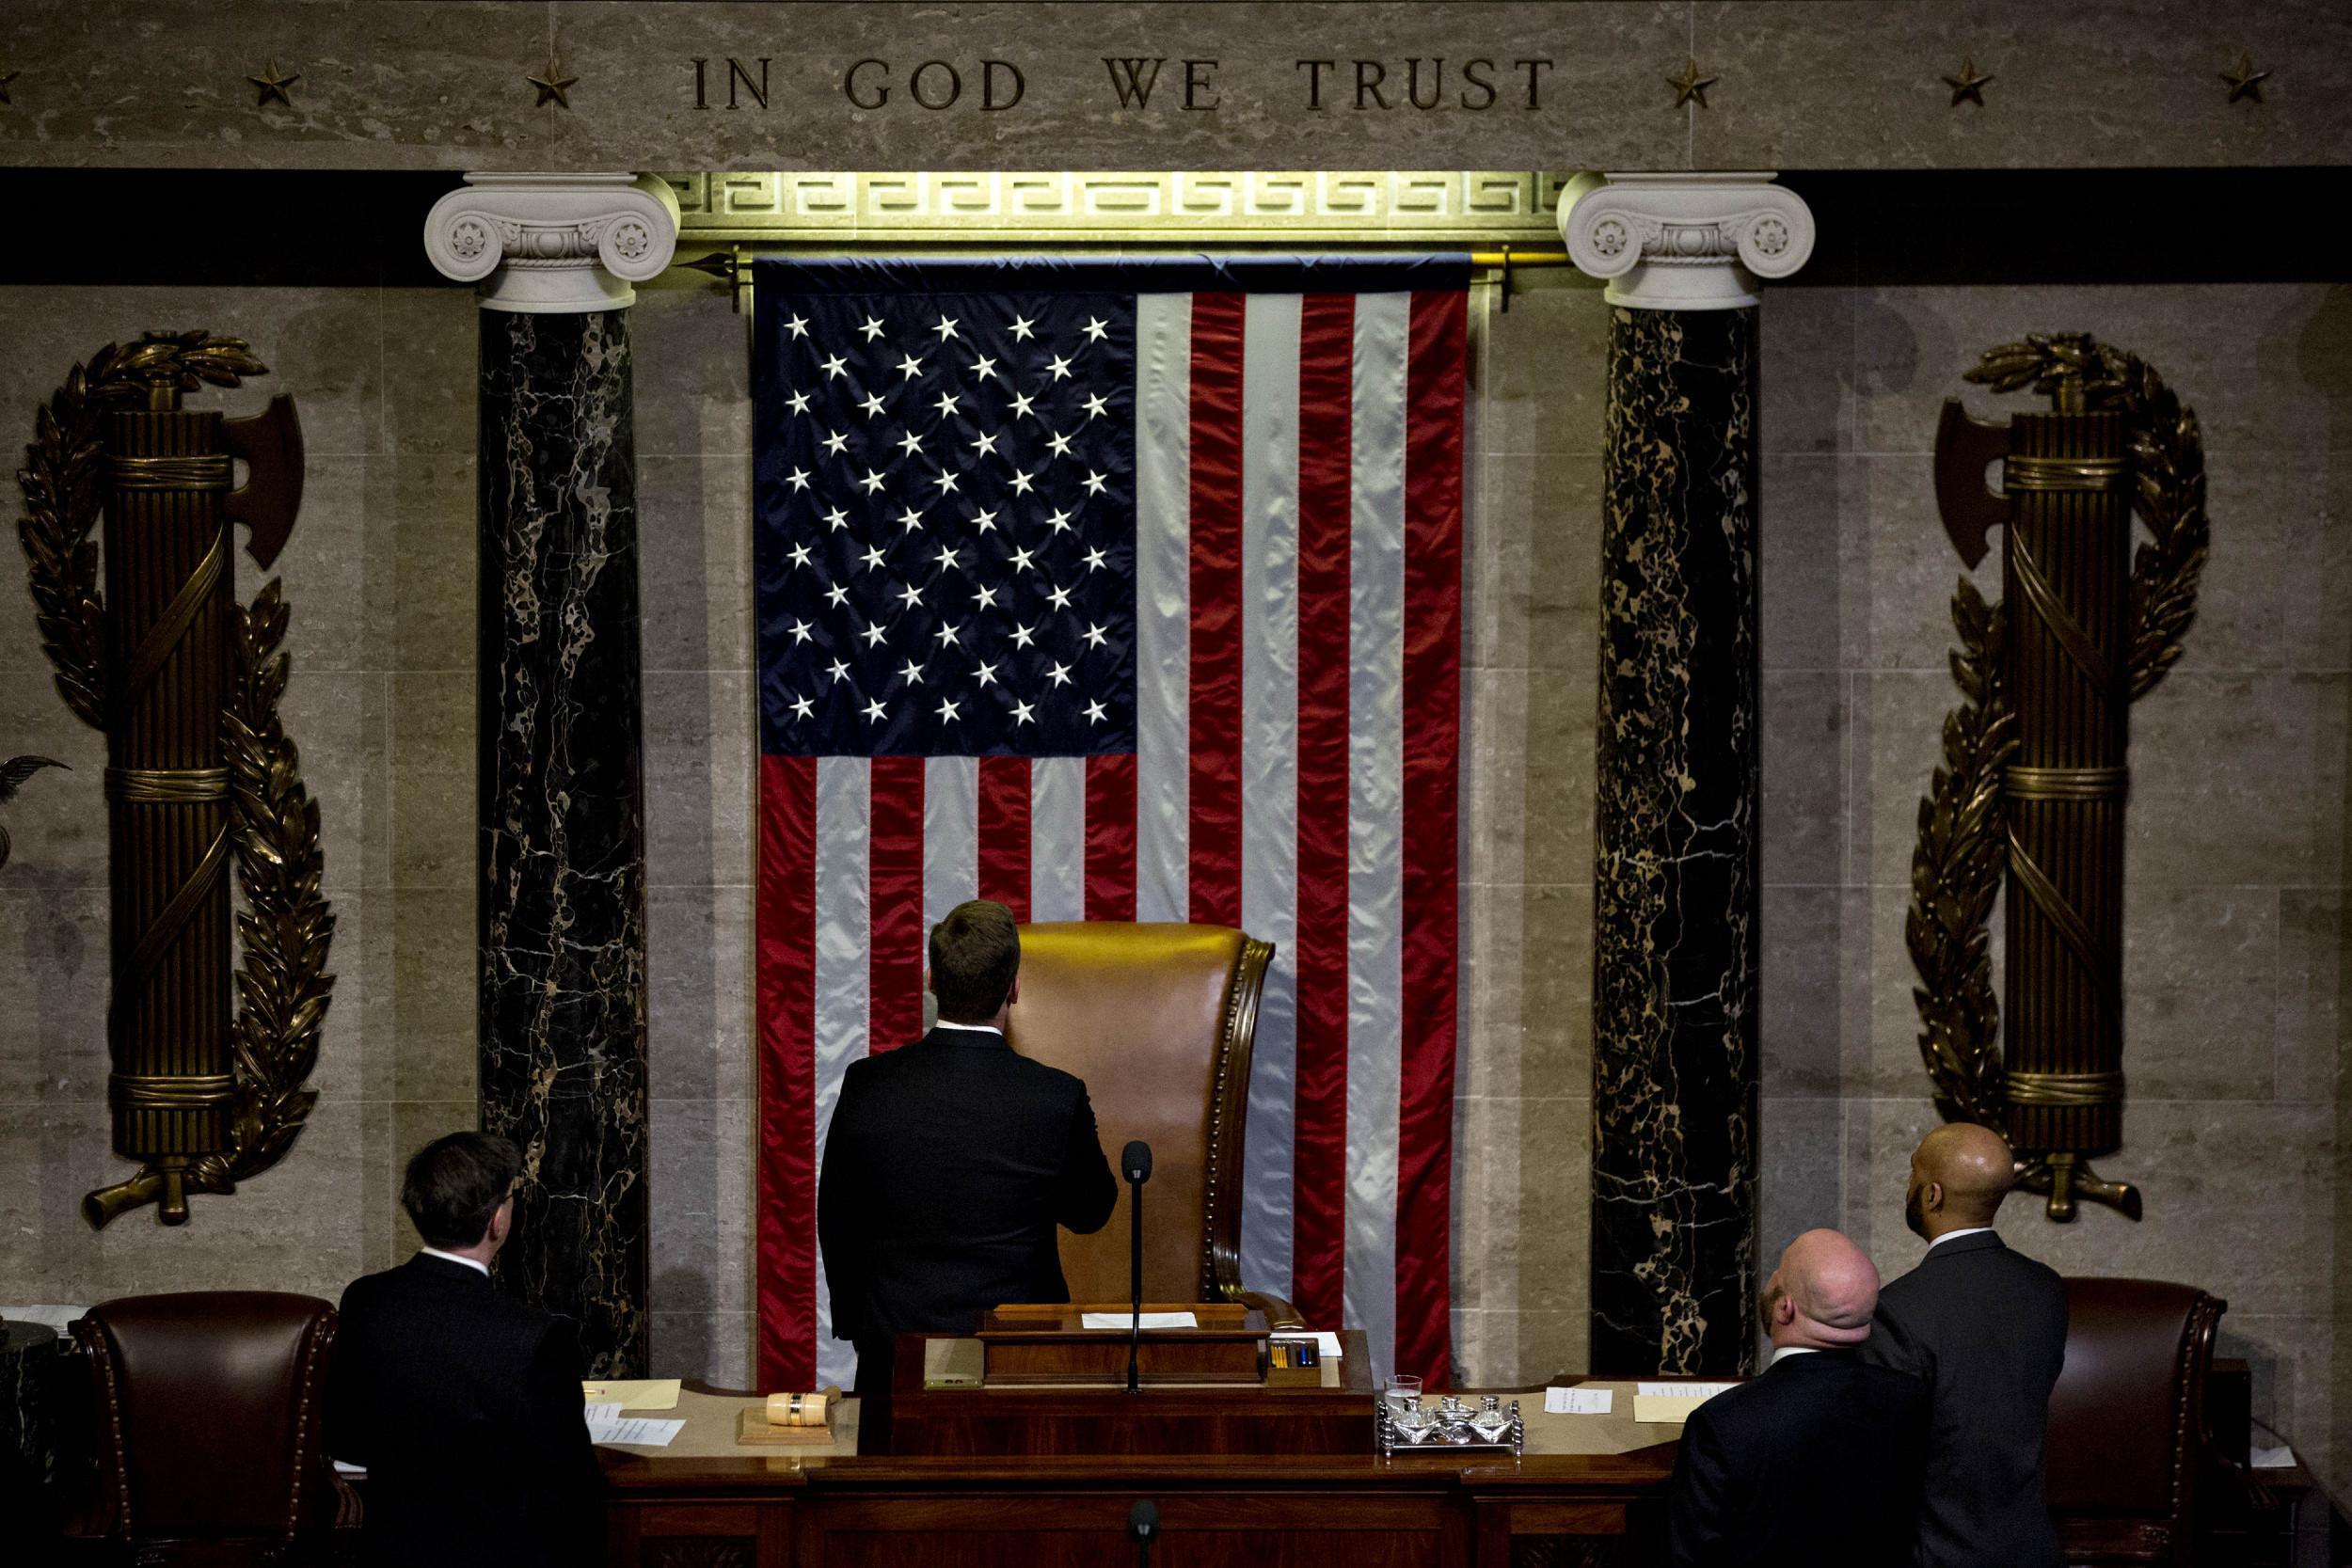 Članovi Predstavničkog doma okrenuti prema zastavi Sjedinjenih Država tokom polaganja zakletve, Vašington, 03. januar 2017. (Foto: Bloomberg via Getty Images)